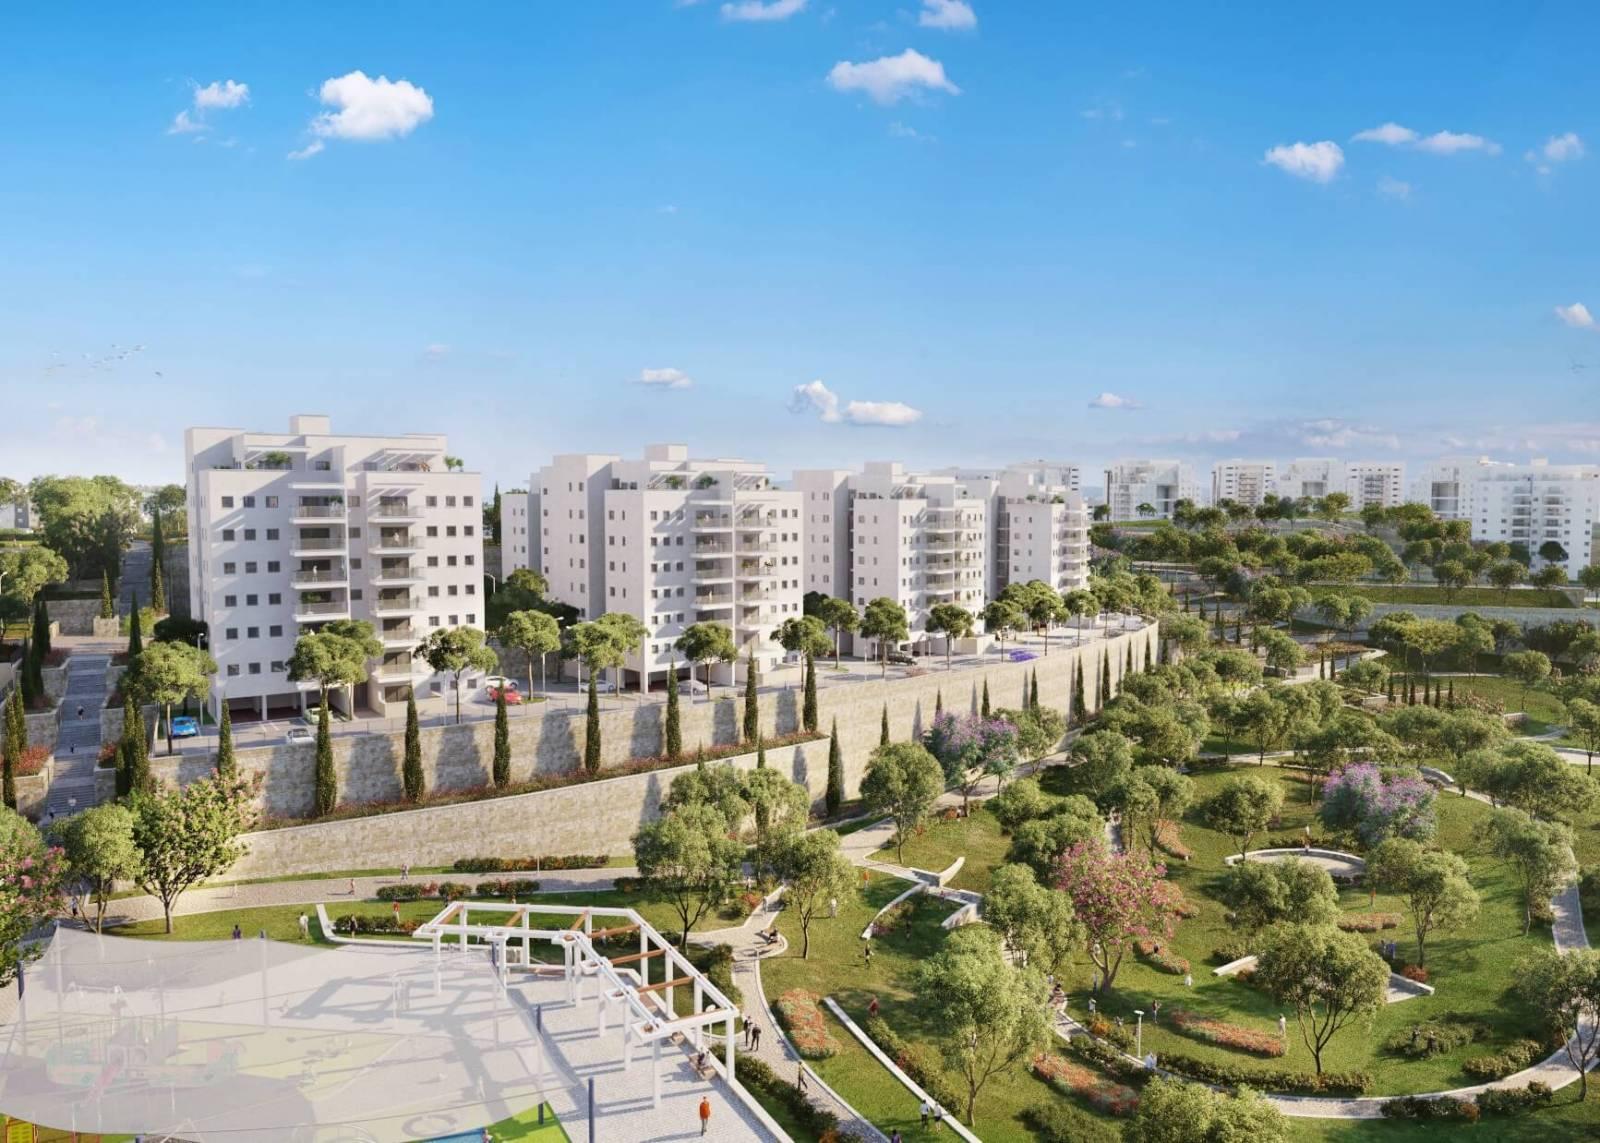 מעולה פרוייקטים בחריש | דירות בחריש | חריש סיטי - האתר של חריש XS-61